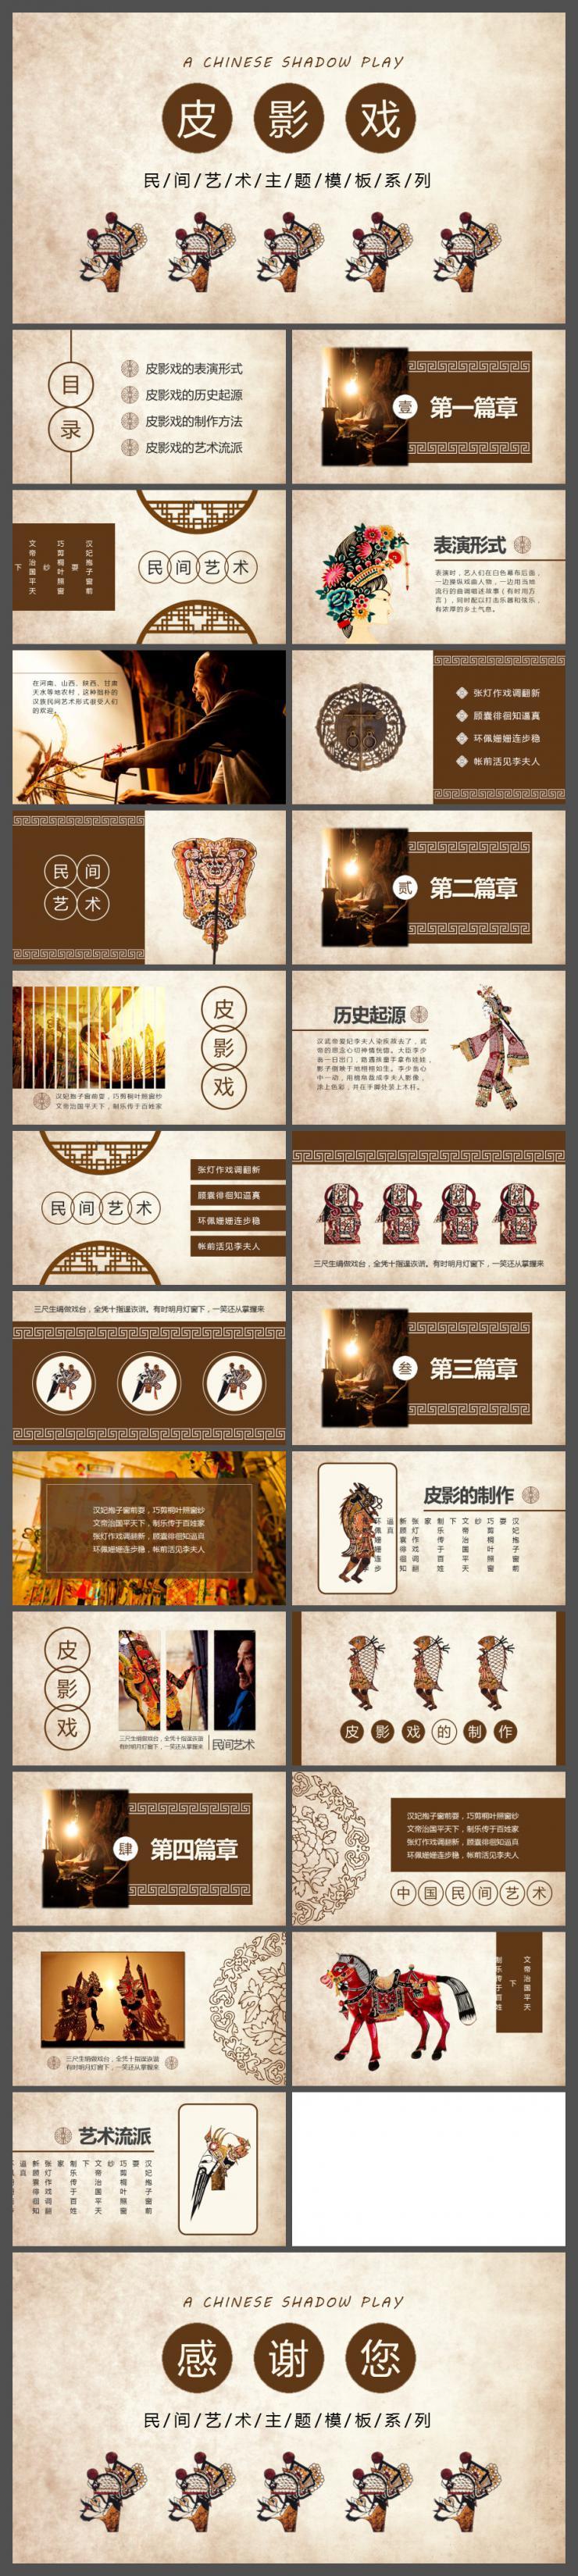 复古风中国民间艺术之皮影戏主题PPT模板